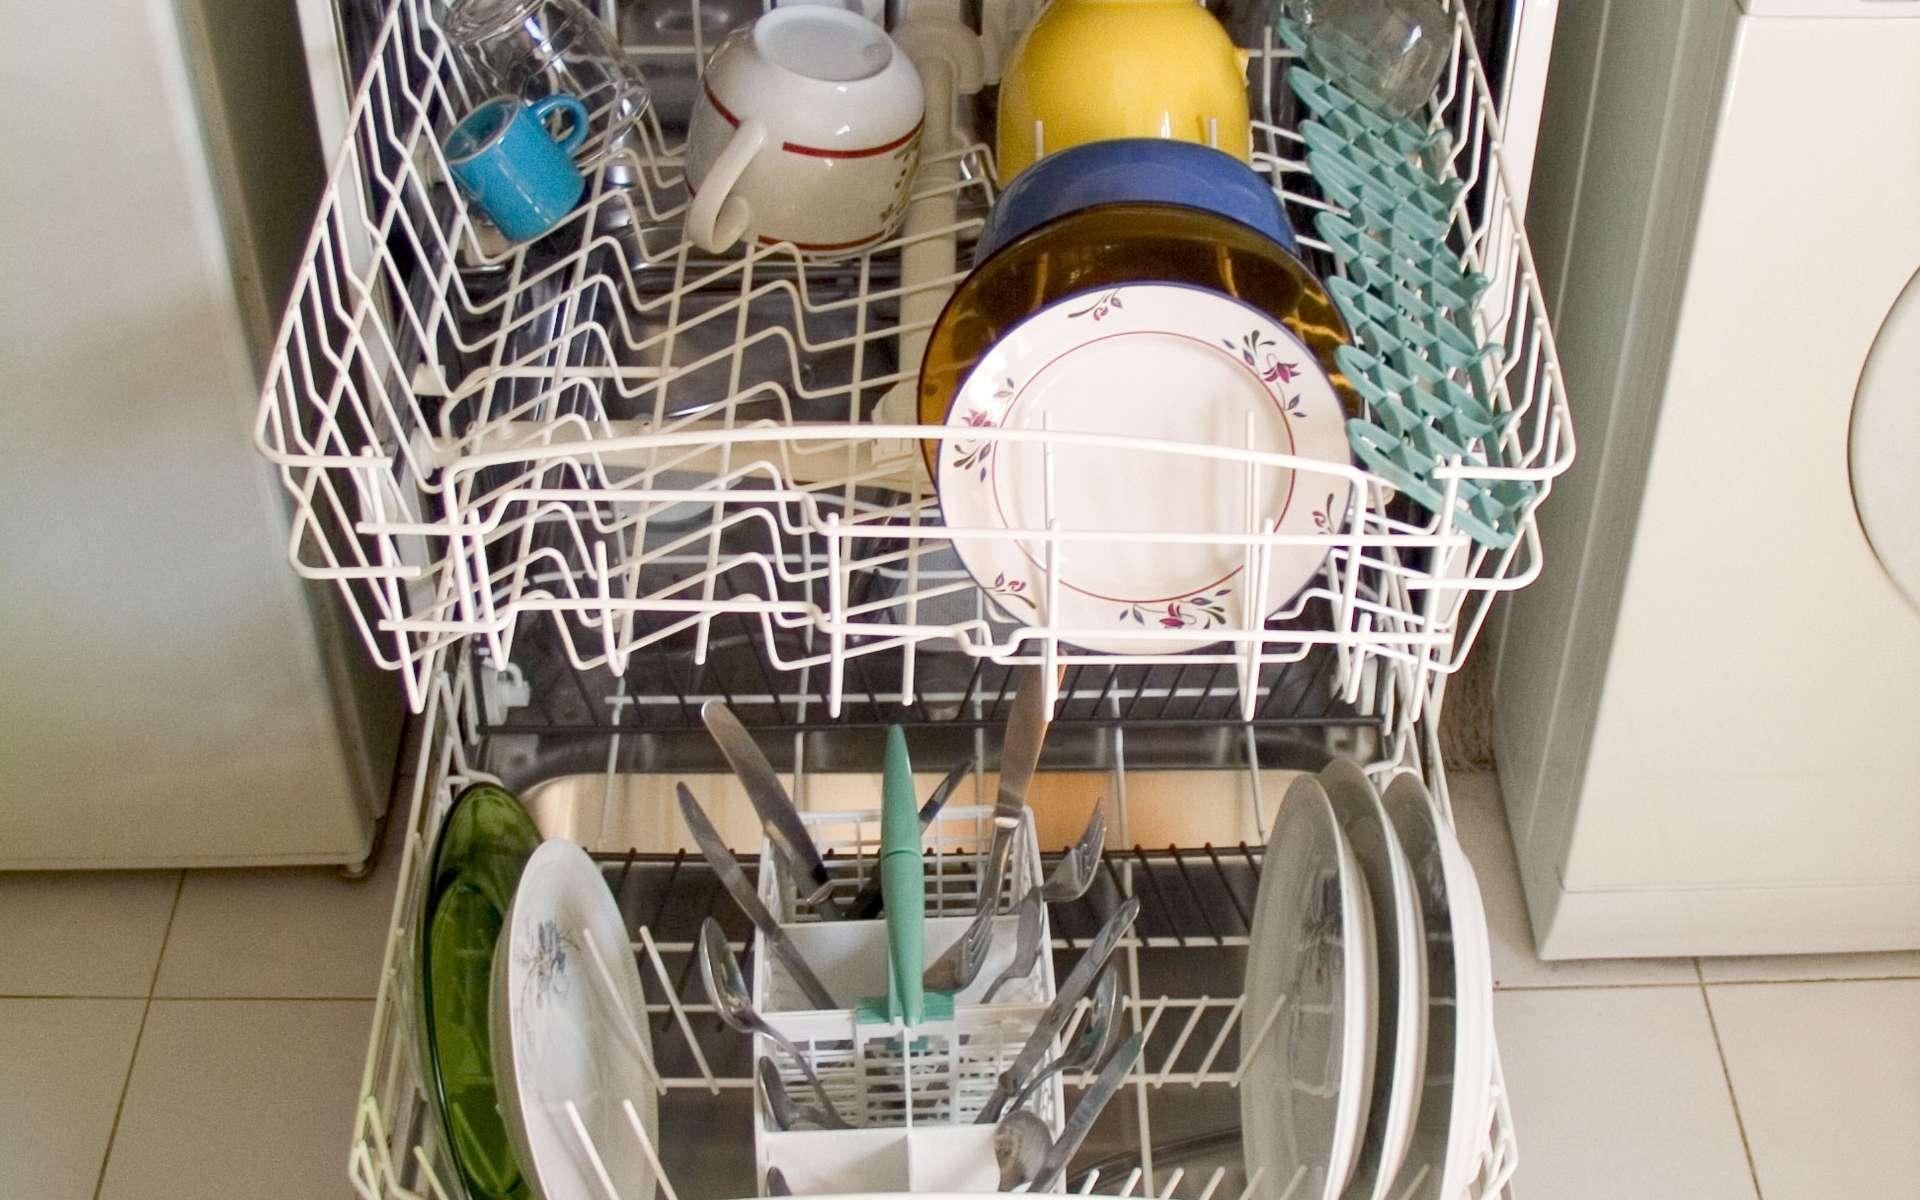 L'évacuation du lave-vaisselle peut se faire dans un évier ou une baignoire. © Carlos Paes, Wikimedia Commons, CC